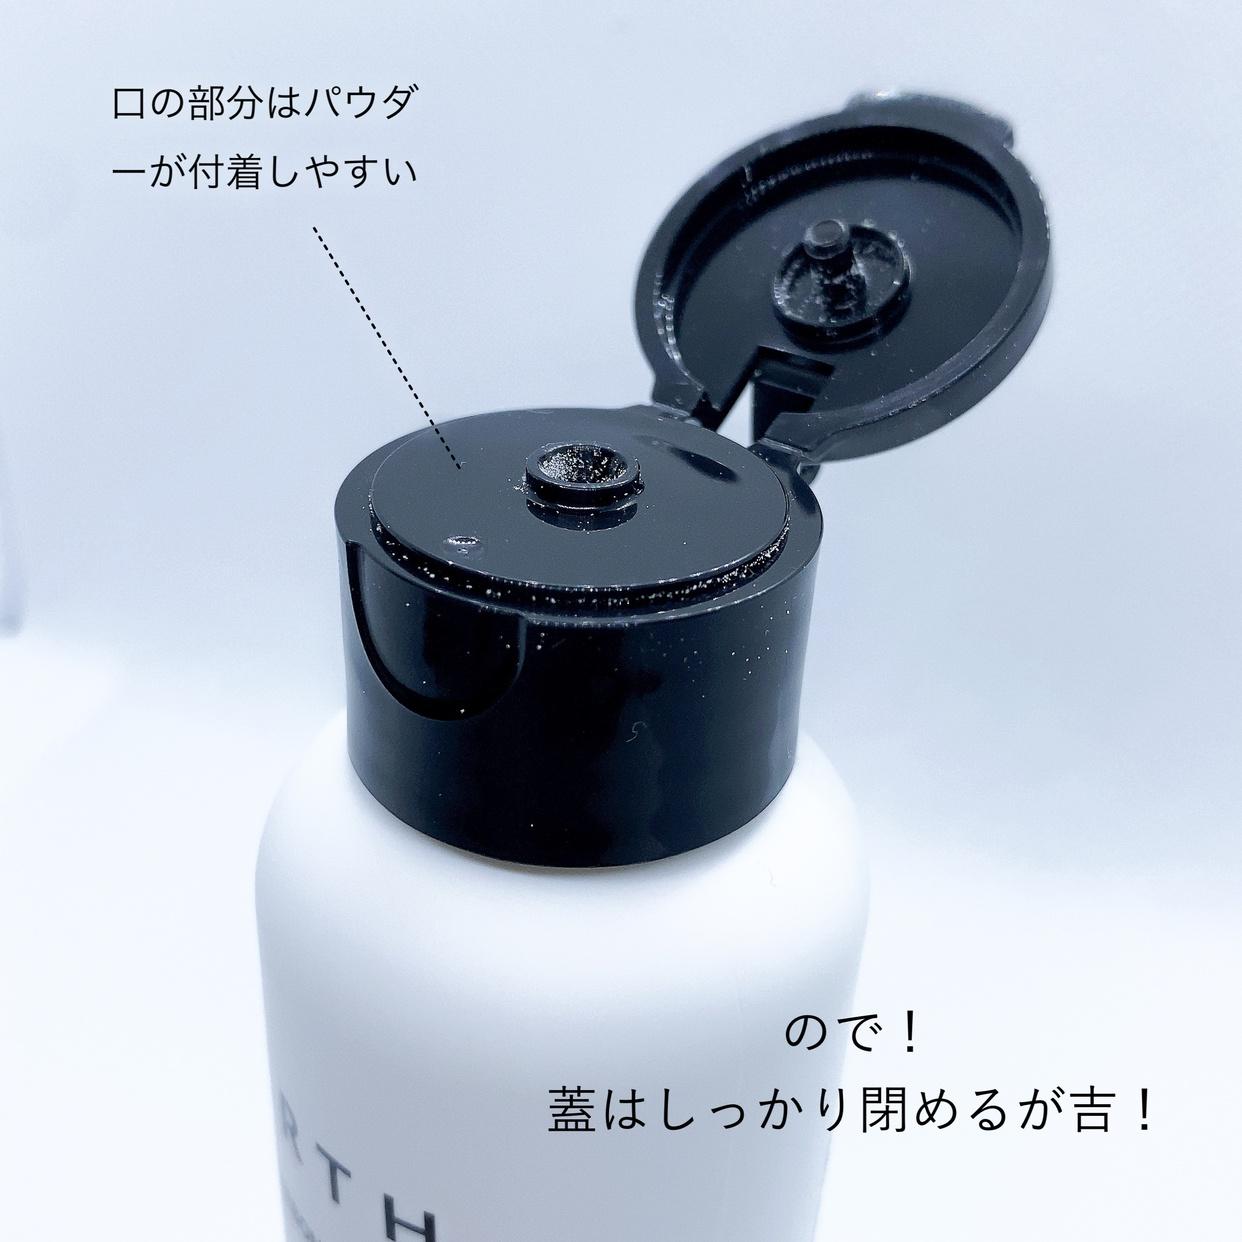 BARTH(バース) 中性重炭酸洗顔パウダーを使った只野ひとみさんのクチコミ画像3